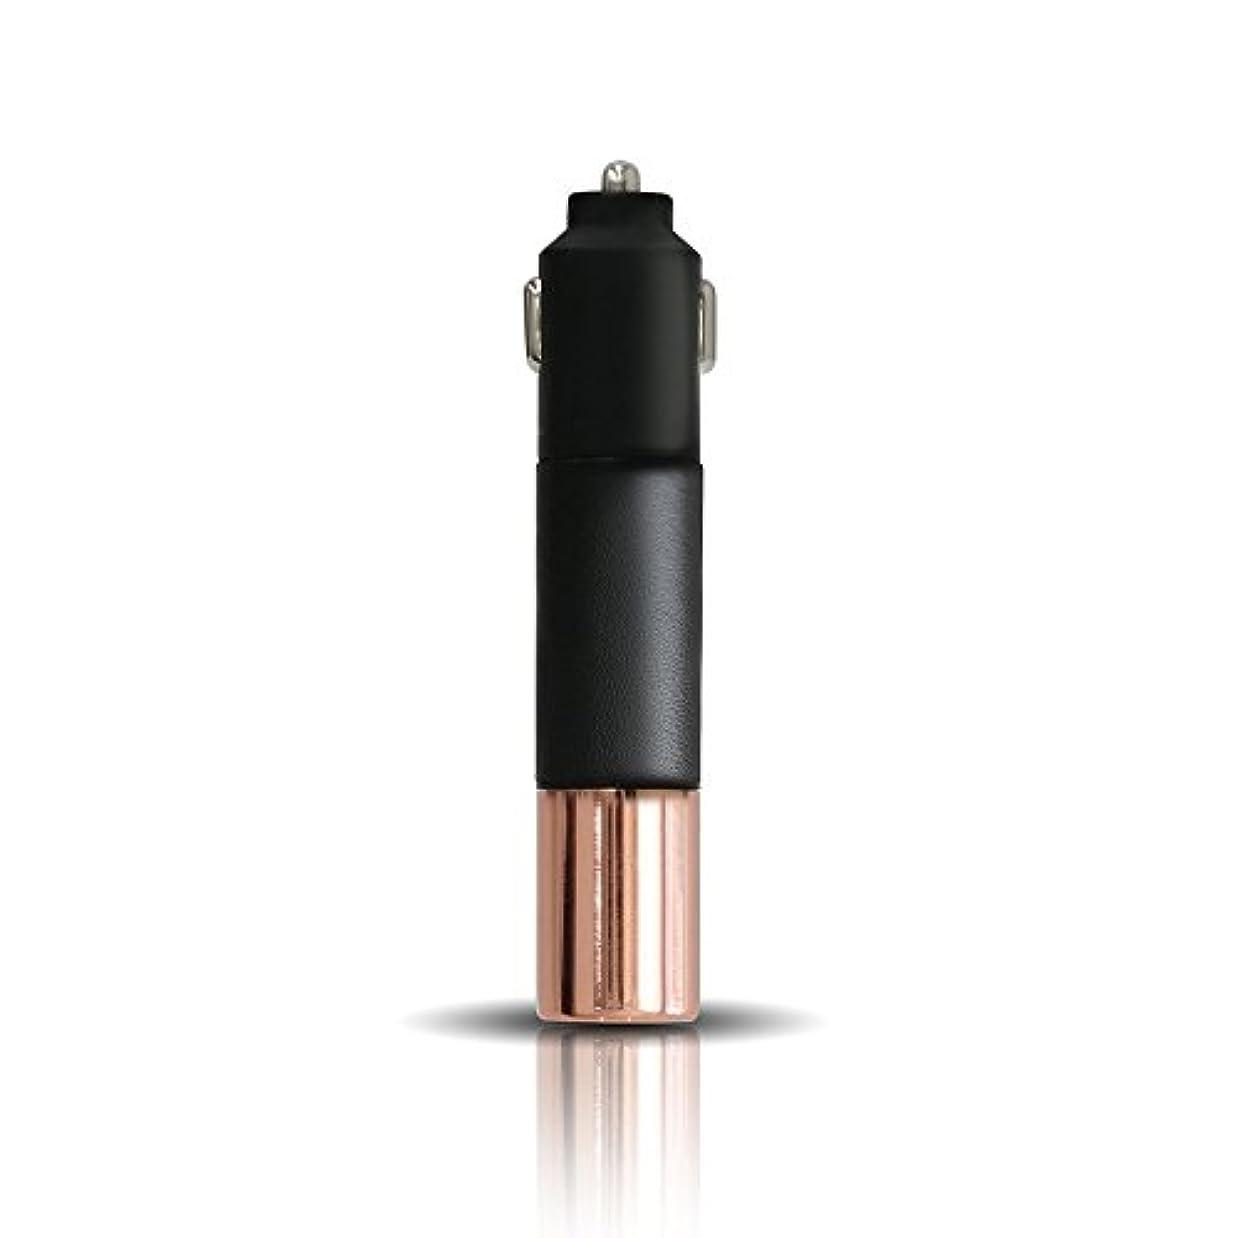 不信揺れる巨人PRISMATE(プリズメイト) Driving Aroma Diffuser Leather and Metal PR-AD02C (BK(ブラック))